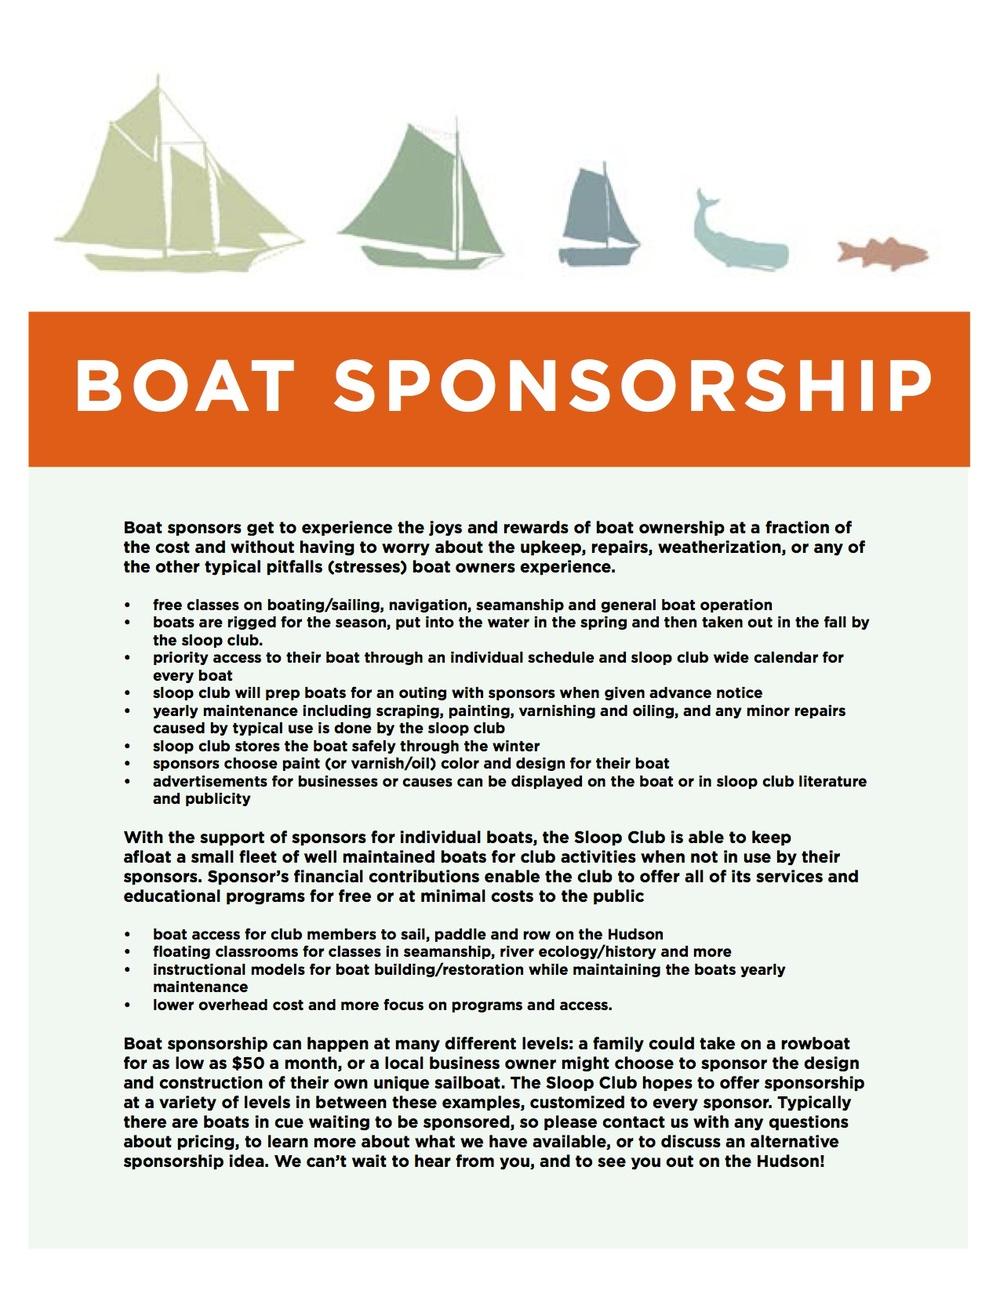 BoatSponsors.jpg